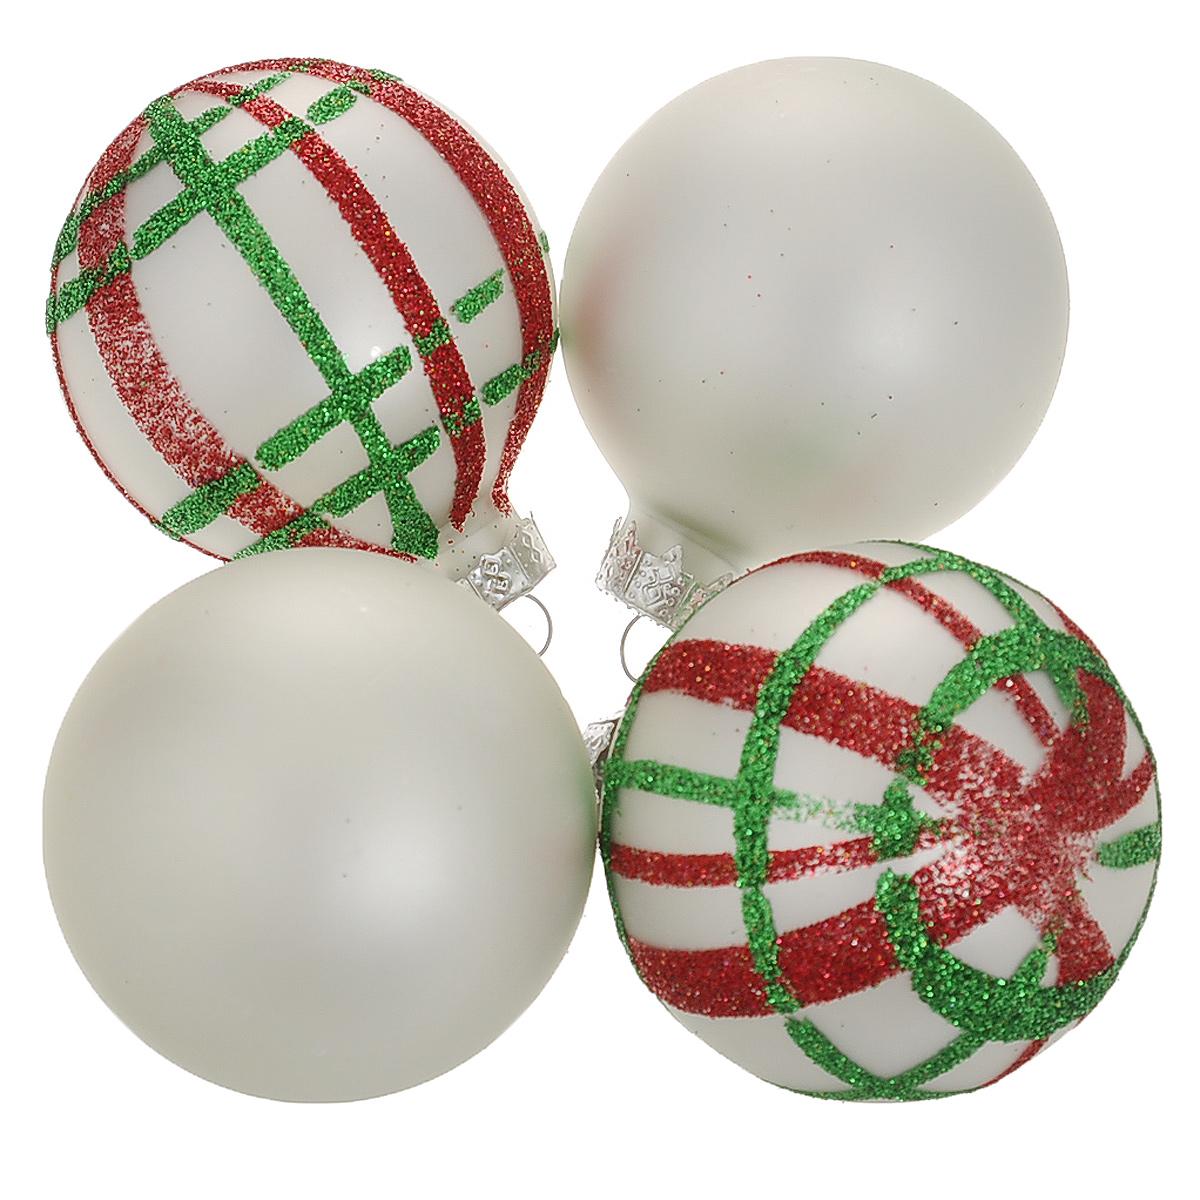 Набор новогодних подвесных украшений Шар, цвет: серебристый, красный, диаметр 6 см, 4 шт. 3449034490Набор новогодних подвесных украшений Шар прекрасно подойдет для праздничного декора новогодней ели. Состоит из четырех шаров. Елочная игрушка - символ Нового года. Она несет в себе волшебство и красоту праздника. Создайте в своем доме атмосферу веселья и радости, украшая новогоднюю елку нарядными игрушками, которые будут из года в год накапливать теплоту воспоминаний. Коллекция декоративных украшений принесет в ваш дом ни с чем несравнимое ощущение волшебства! Откройте для себя удивительный мир сказок и грез. Почувствуйте волшебные минуты ожидания праздника, создайте новогоднее настроение вашим дорогим и близким.